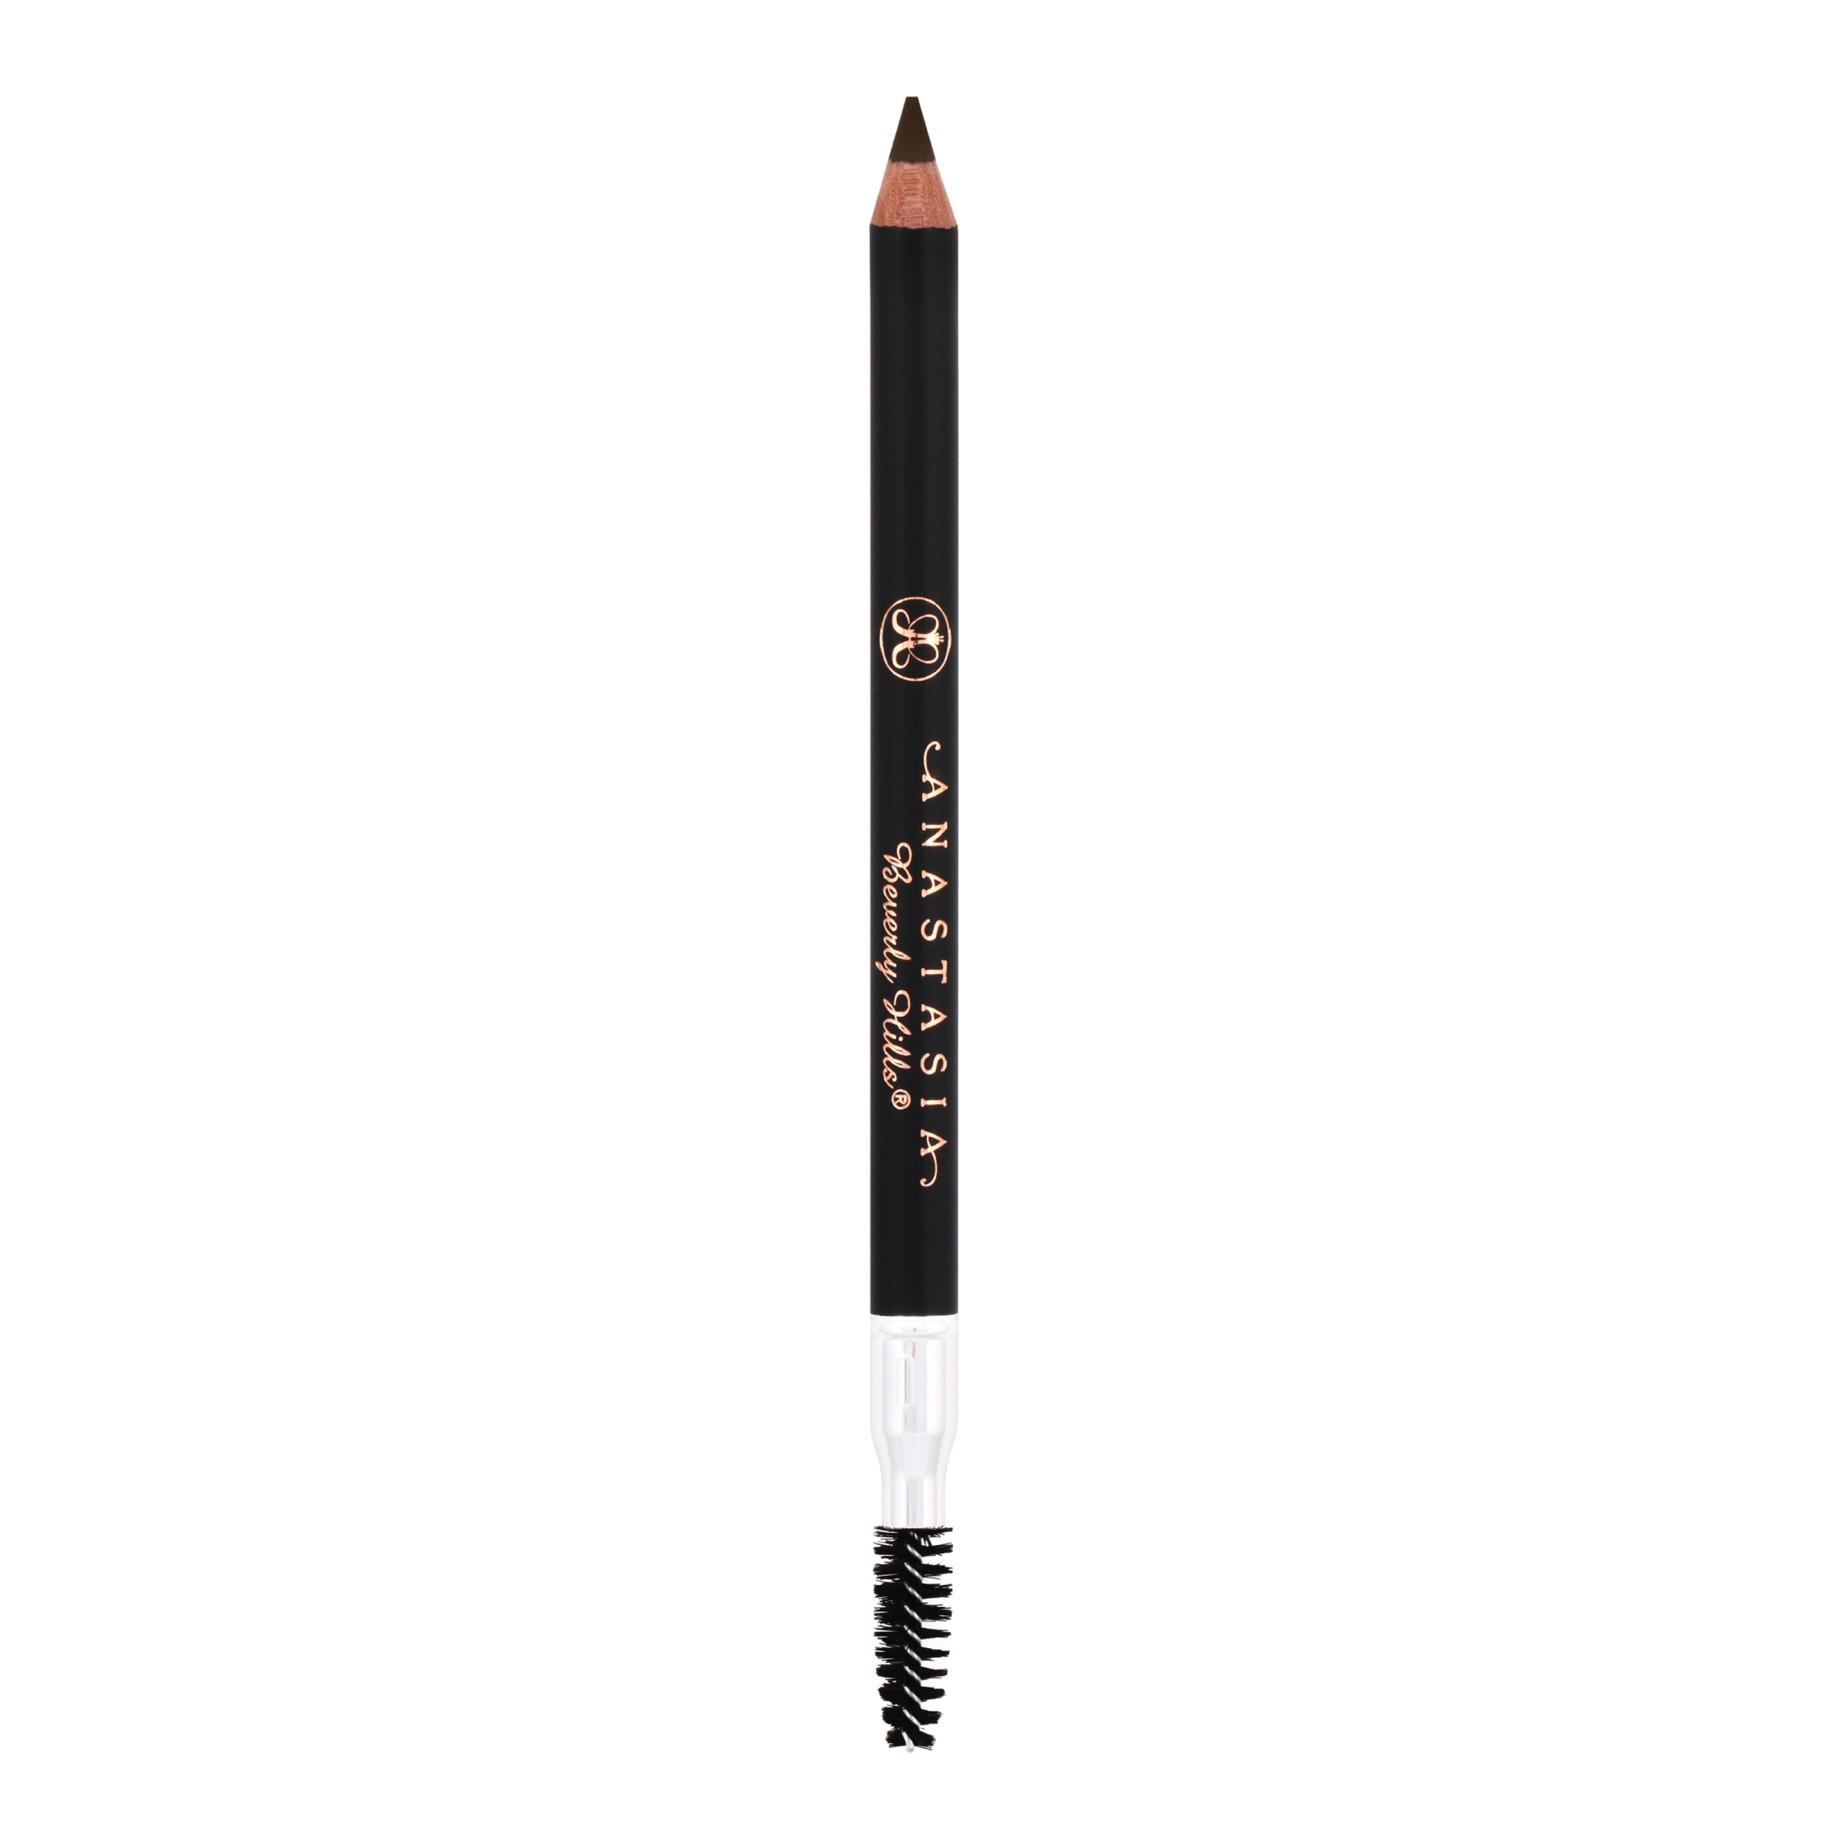 ANASTASIA BEVERLY HILLS Карандаш для бровей Brunette/Dark Brown / Perfect Brow PencilКарандаши<br>Анастасия создала этот карандаш специально для того, чтобы сделать ваши брови еще красивее. Он незаменим для всех, кто мечтает об идеальных бровях. Компактный и простой в применении карандаш, который практически не занимает места в вашей сумочке и всегда под рукой. Способ применения: нанесите на увлажненную или сухую кожу короткими штриховыми движениями, заполняя пространство между волосками. Вторую сторону карандаша использовать для добавления объема бровям, взбивая волоски вверх короткими ударами.<br>